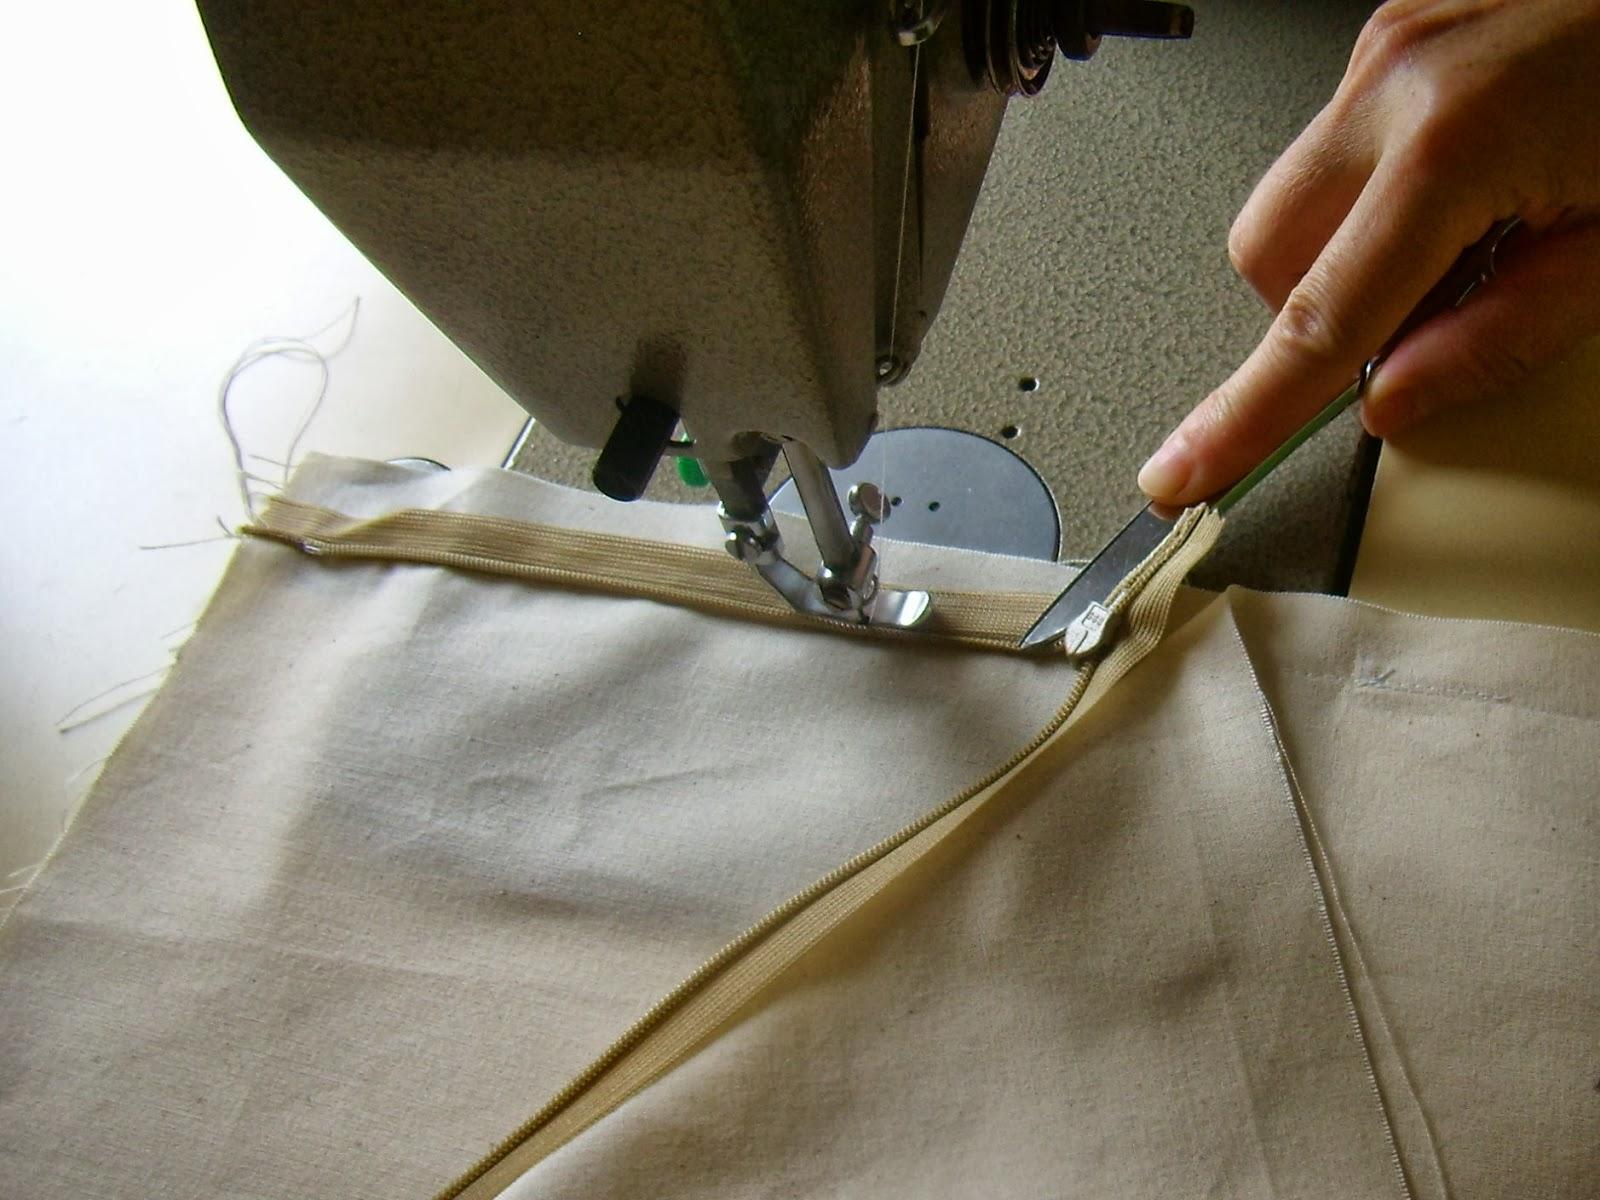 Costura De Fecho Ou Ziper Invisível Passo A Passo Em Imagens